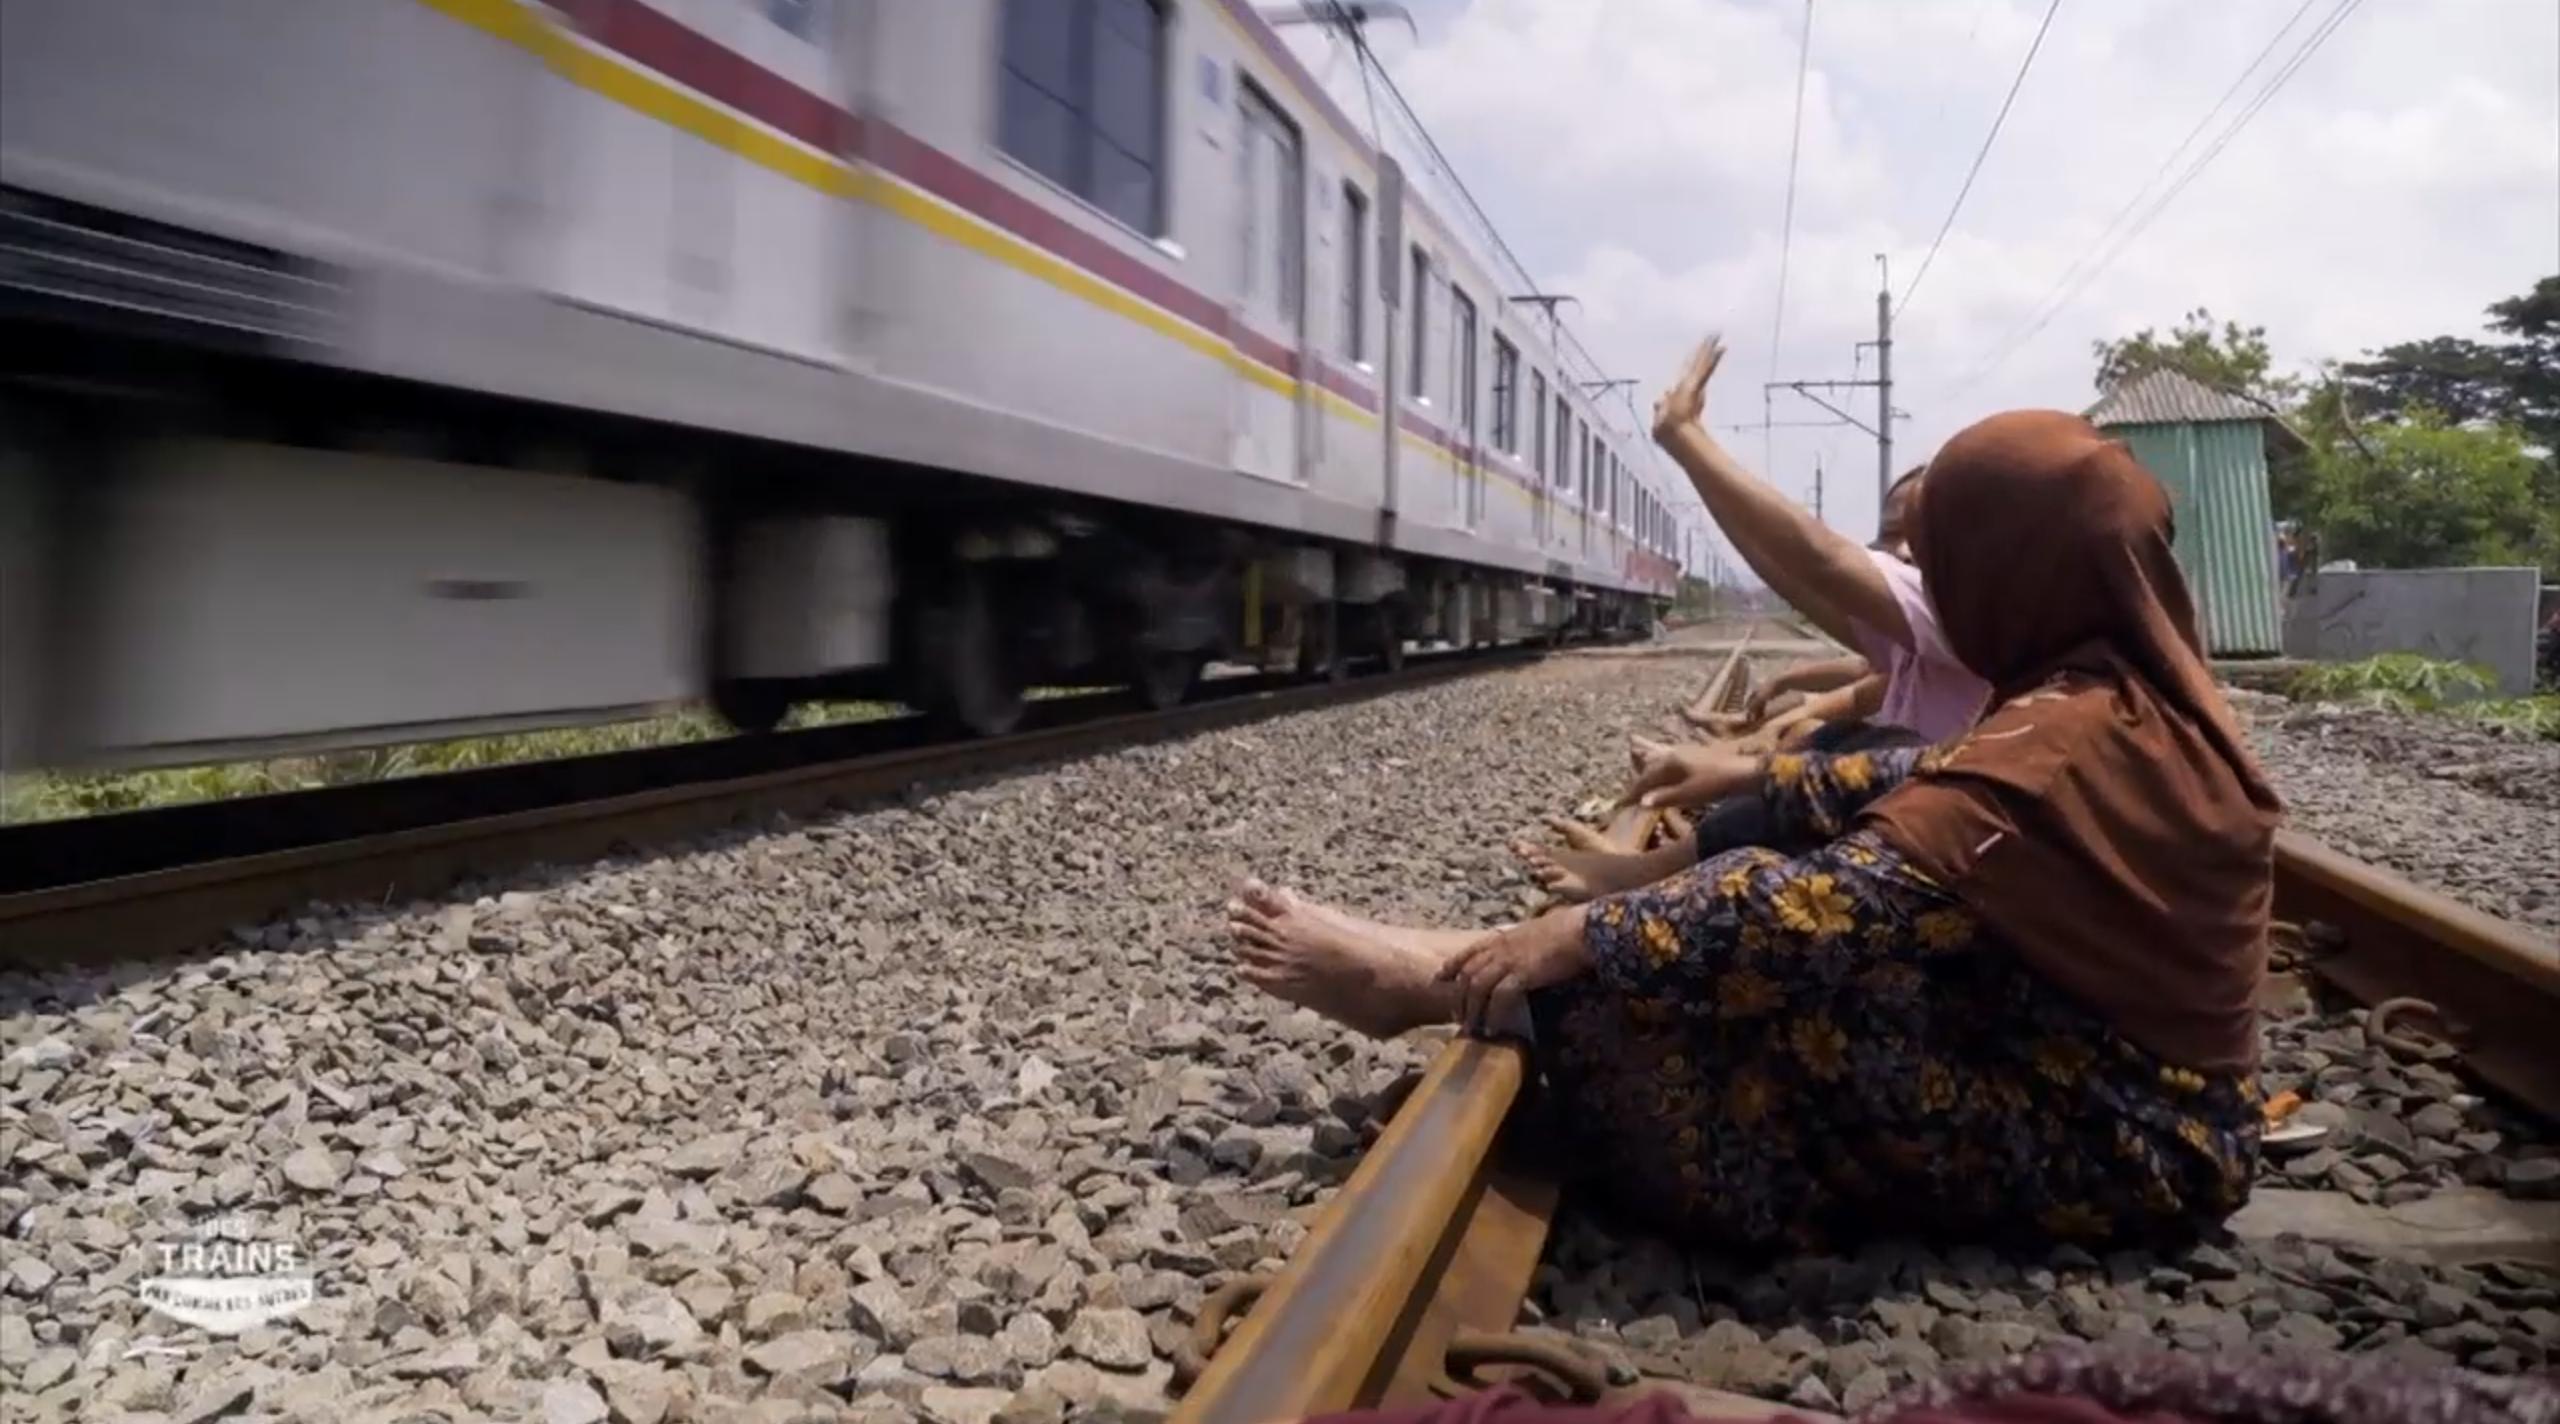 Des trains pas comme les autres – Saison 8 inédite